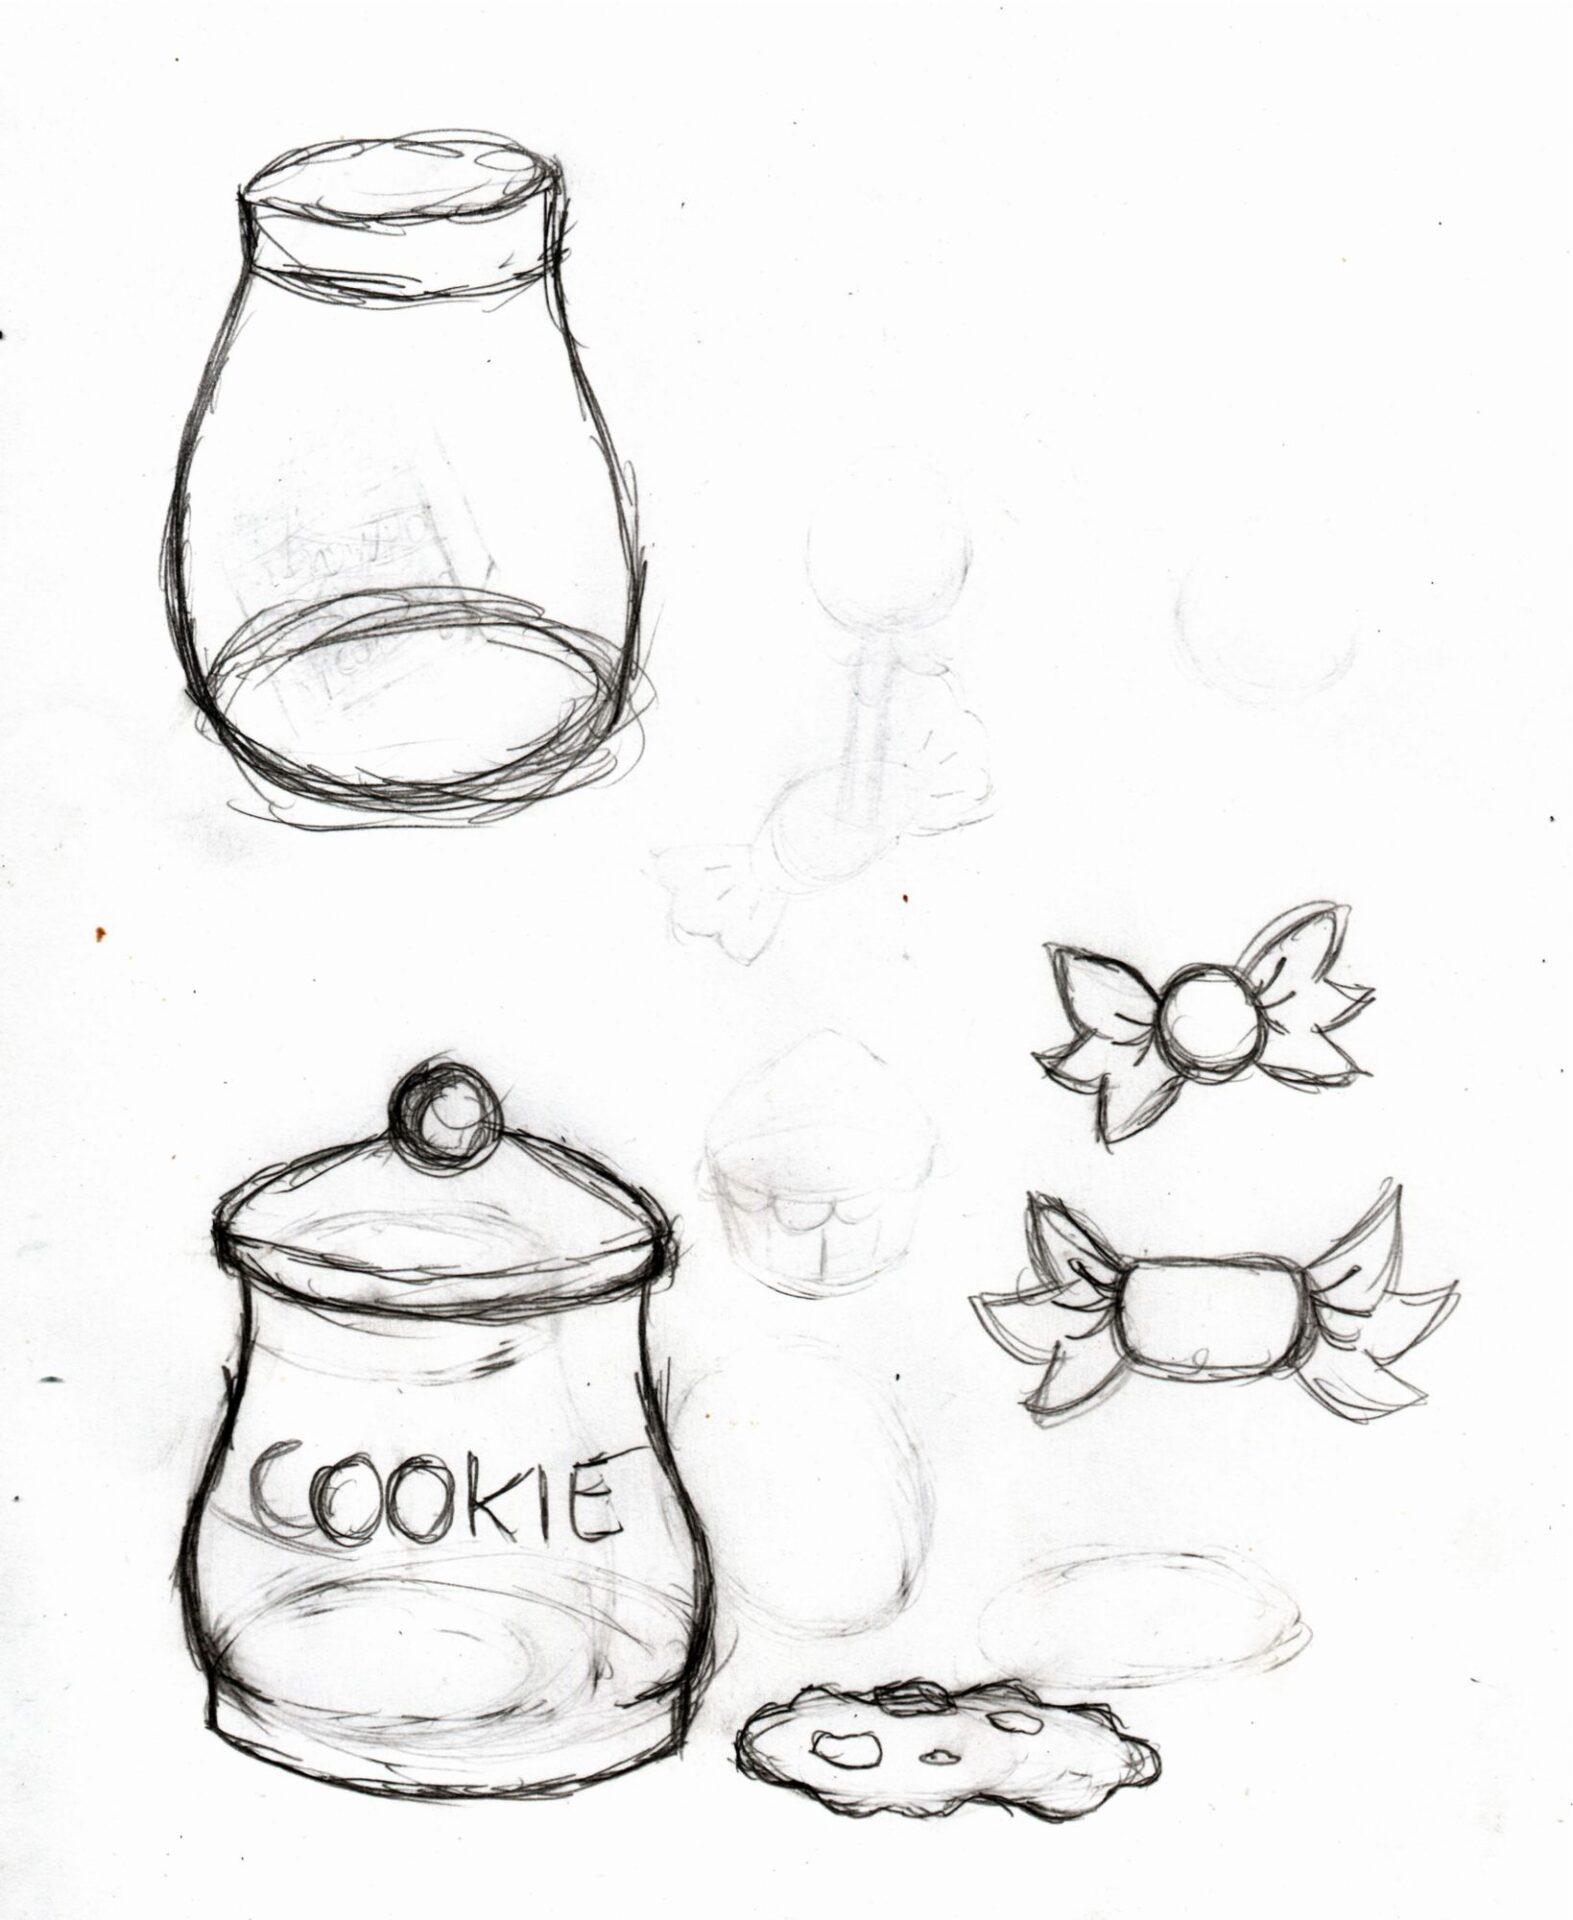 Potes, Cookie e Balas